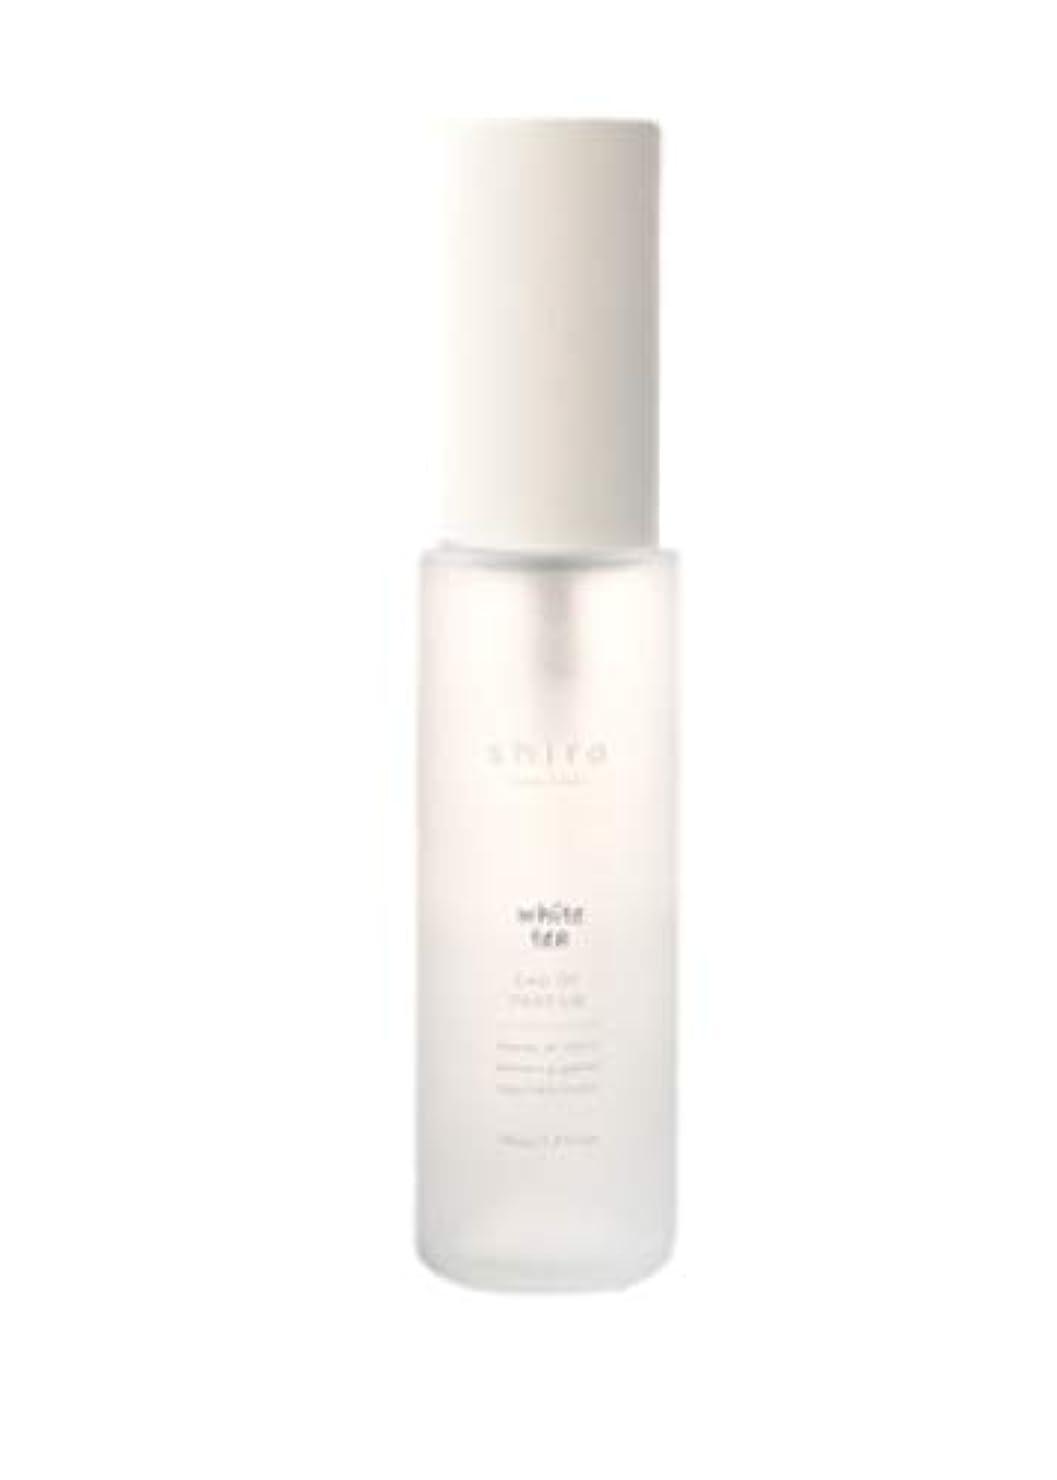 応答表現電気shiro シロ ホワイトティー オードパルファン 香水 40ml (長時間持続)ギフト包装品 ショップバッグ付